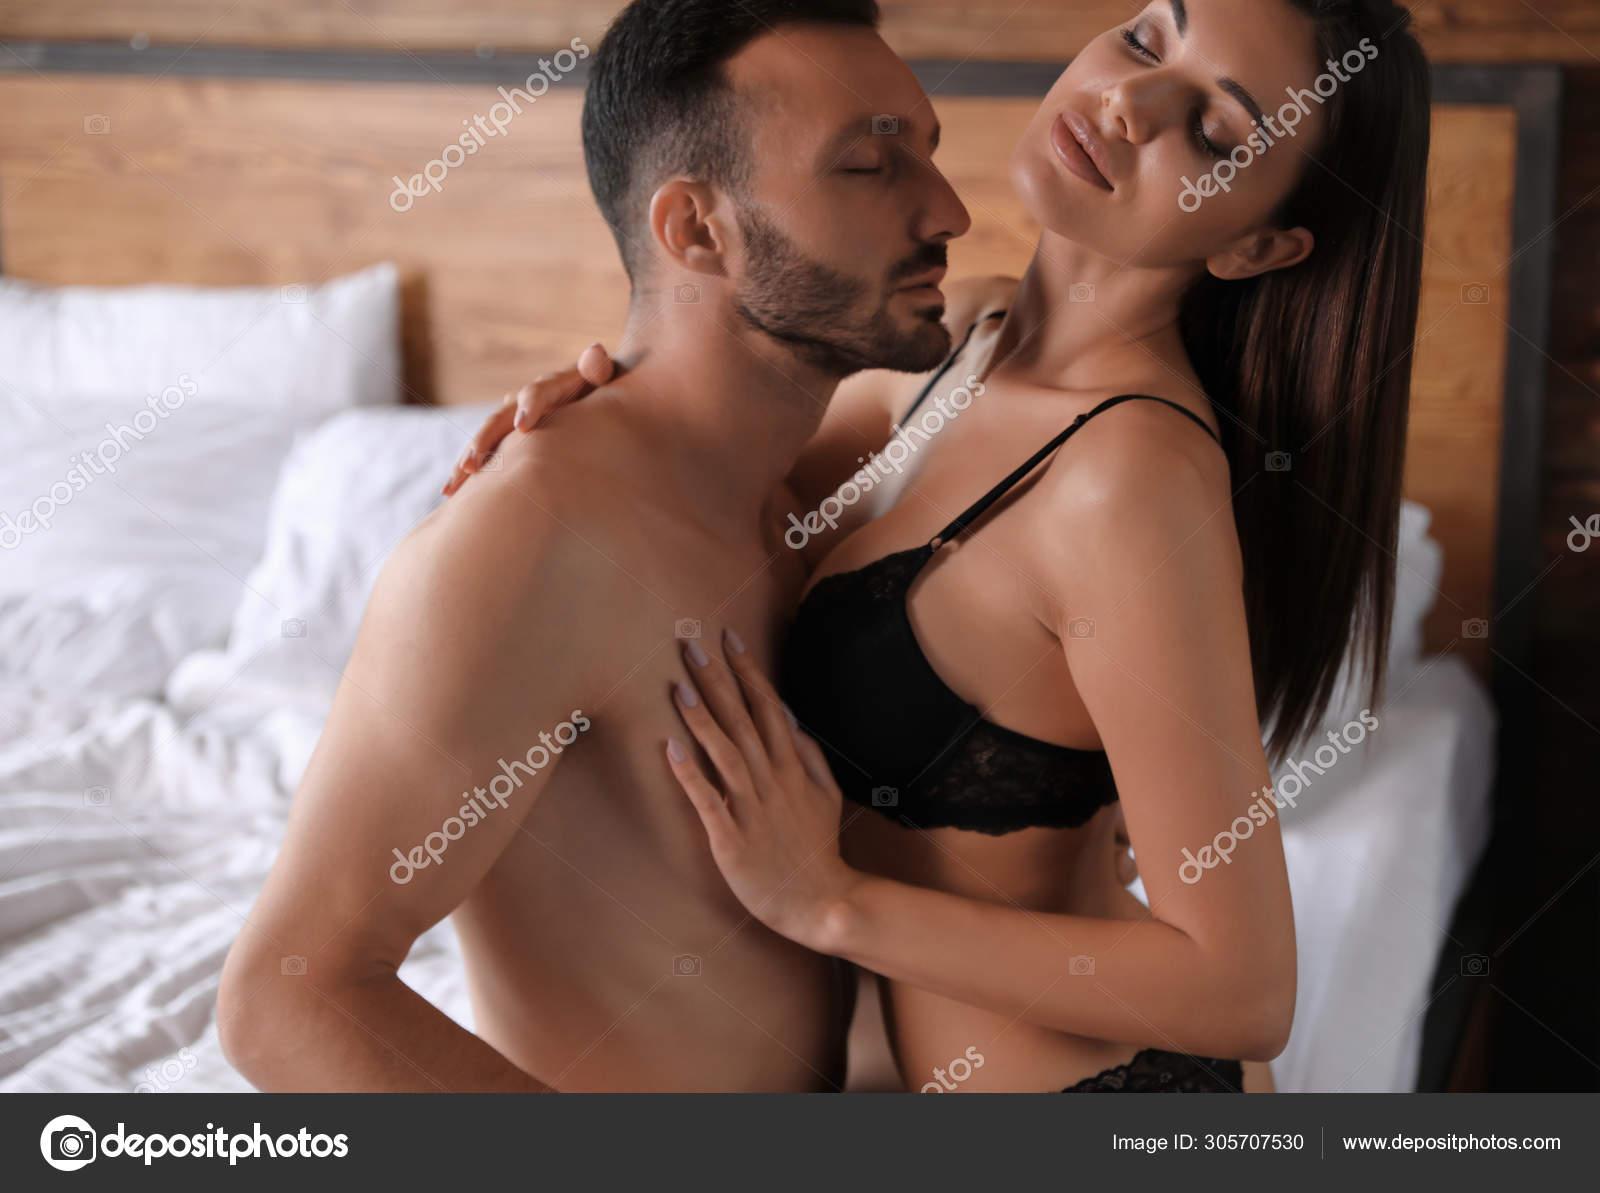 Thuis seks